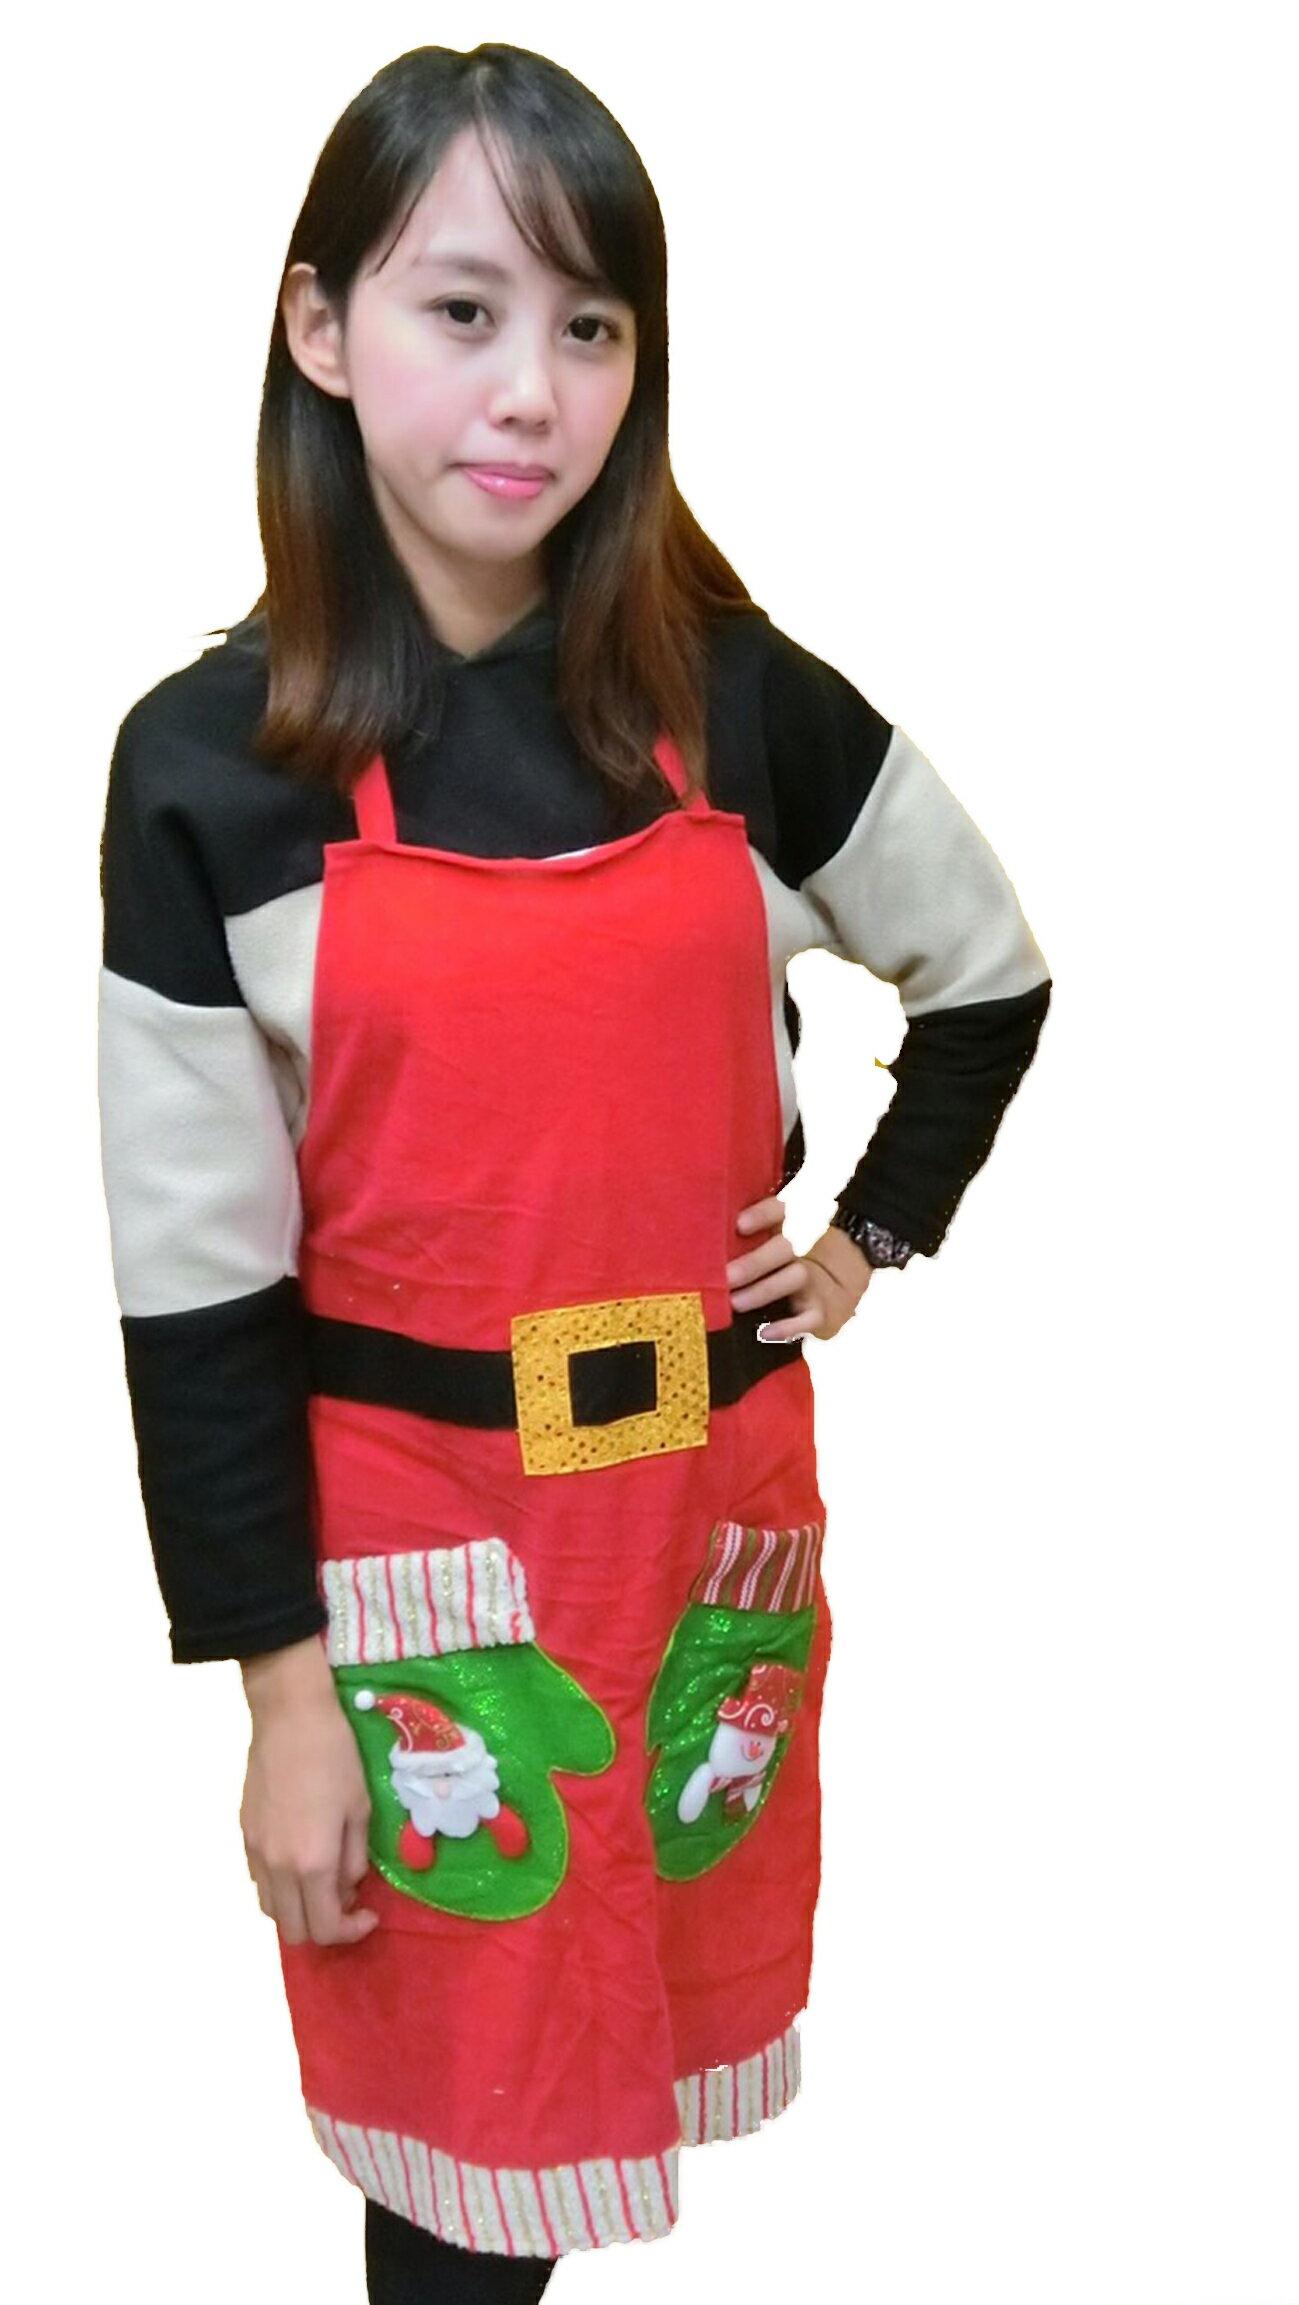 X射線【X294464】聖誕造型圍裙(綁帶式),聖誕/聖誕老公公裝/聖誕圍裙/角色扮演/聖誕衣/圍裙/老公公/情趣